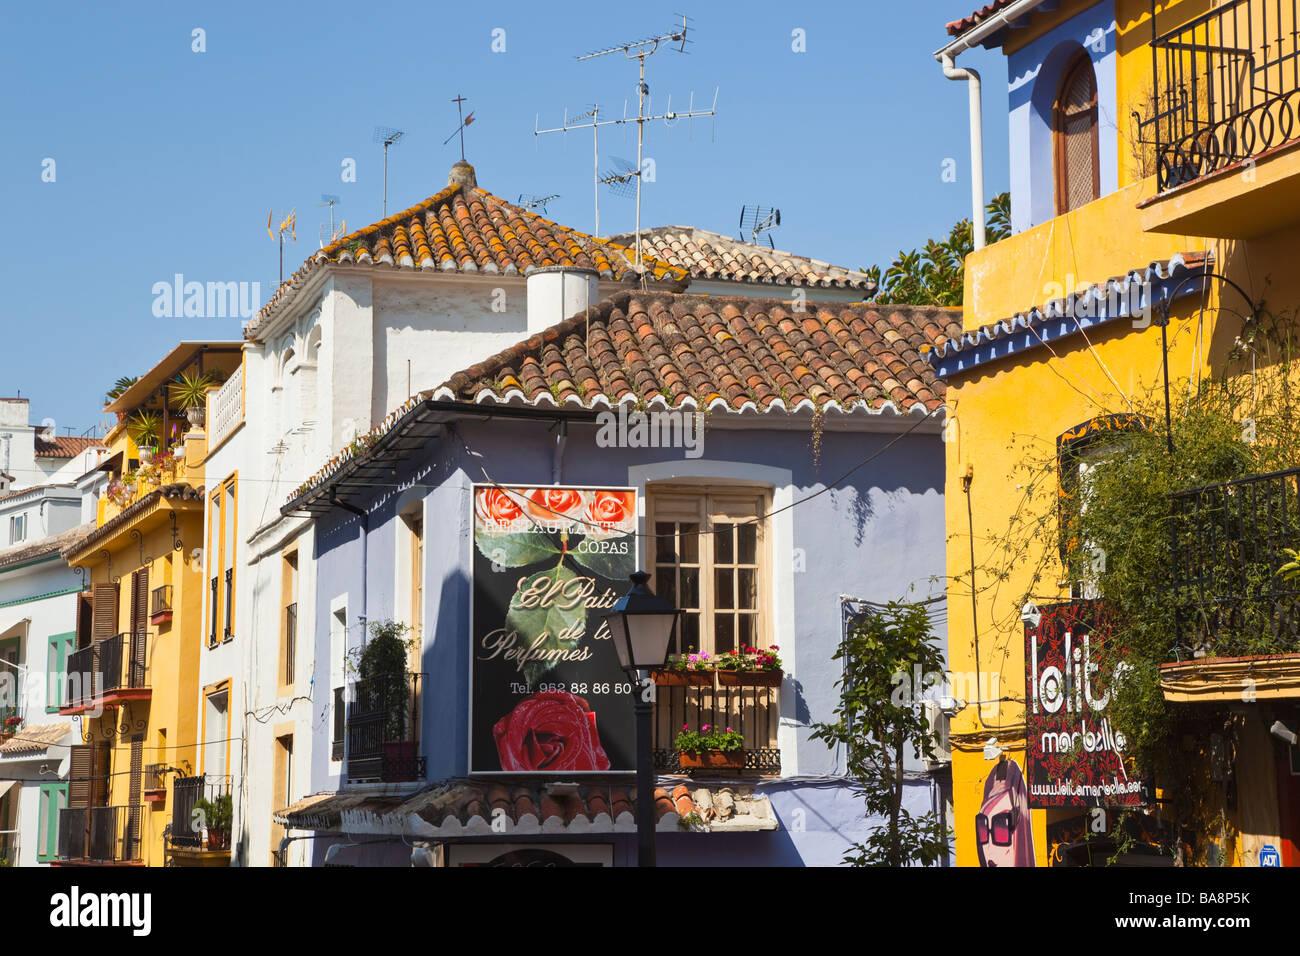 Marbella Málaga Costa del Sol España arquitectura típica Imagen De Stock